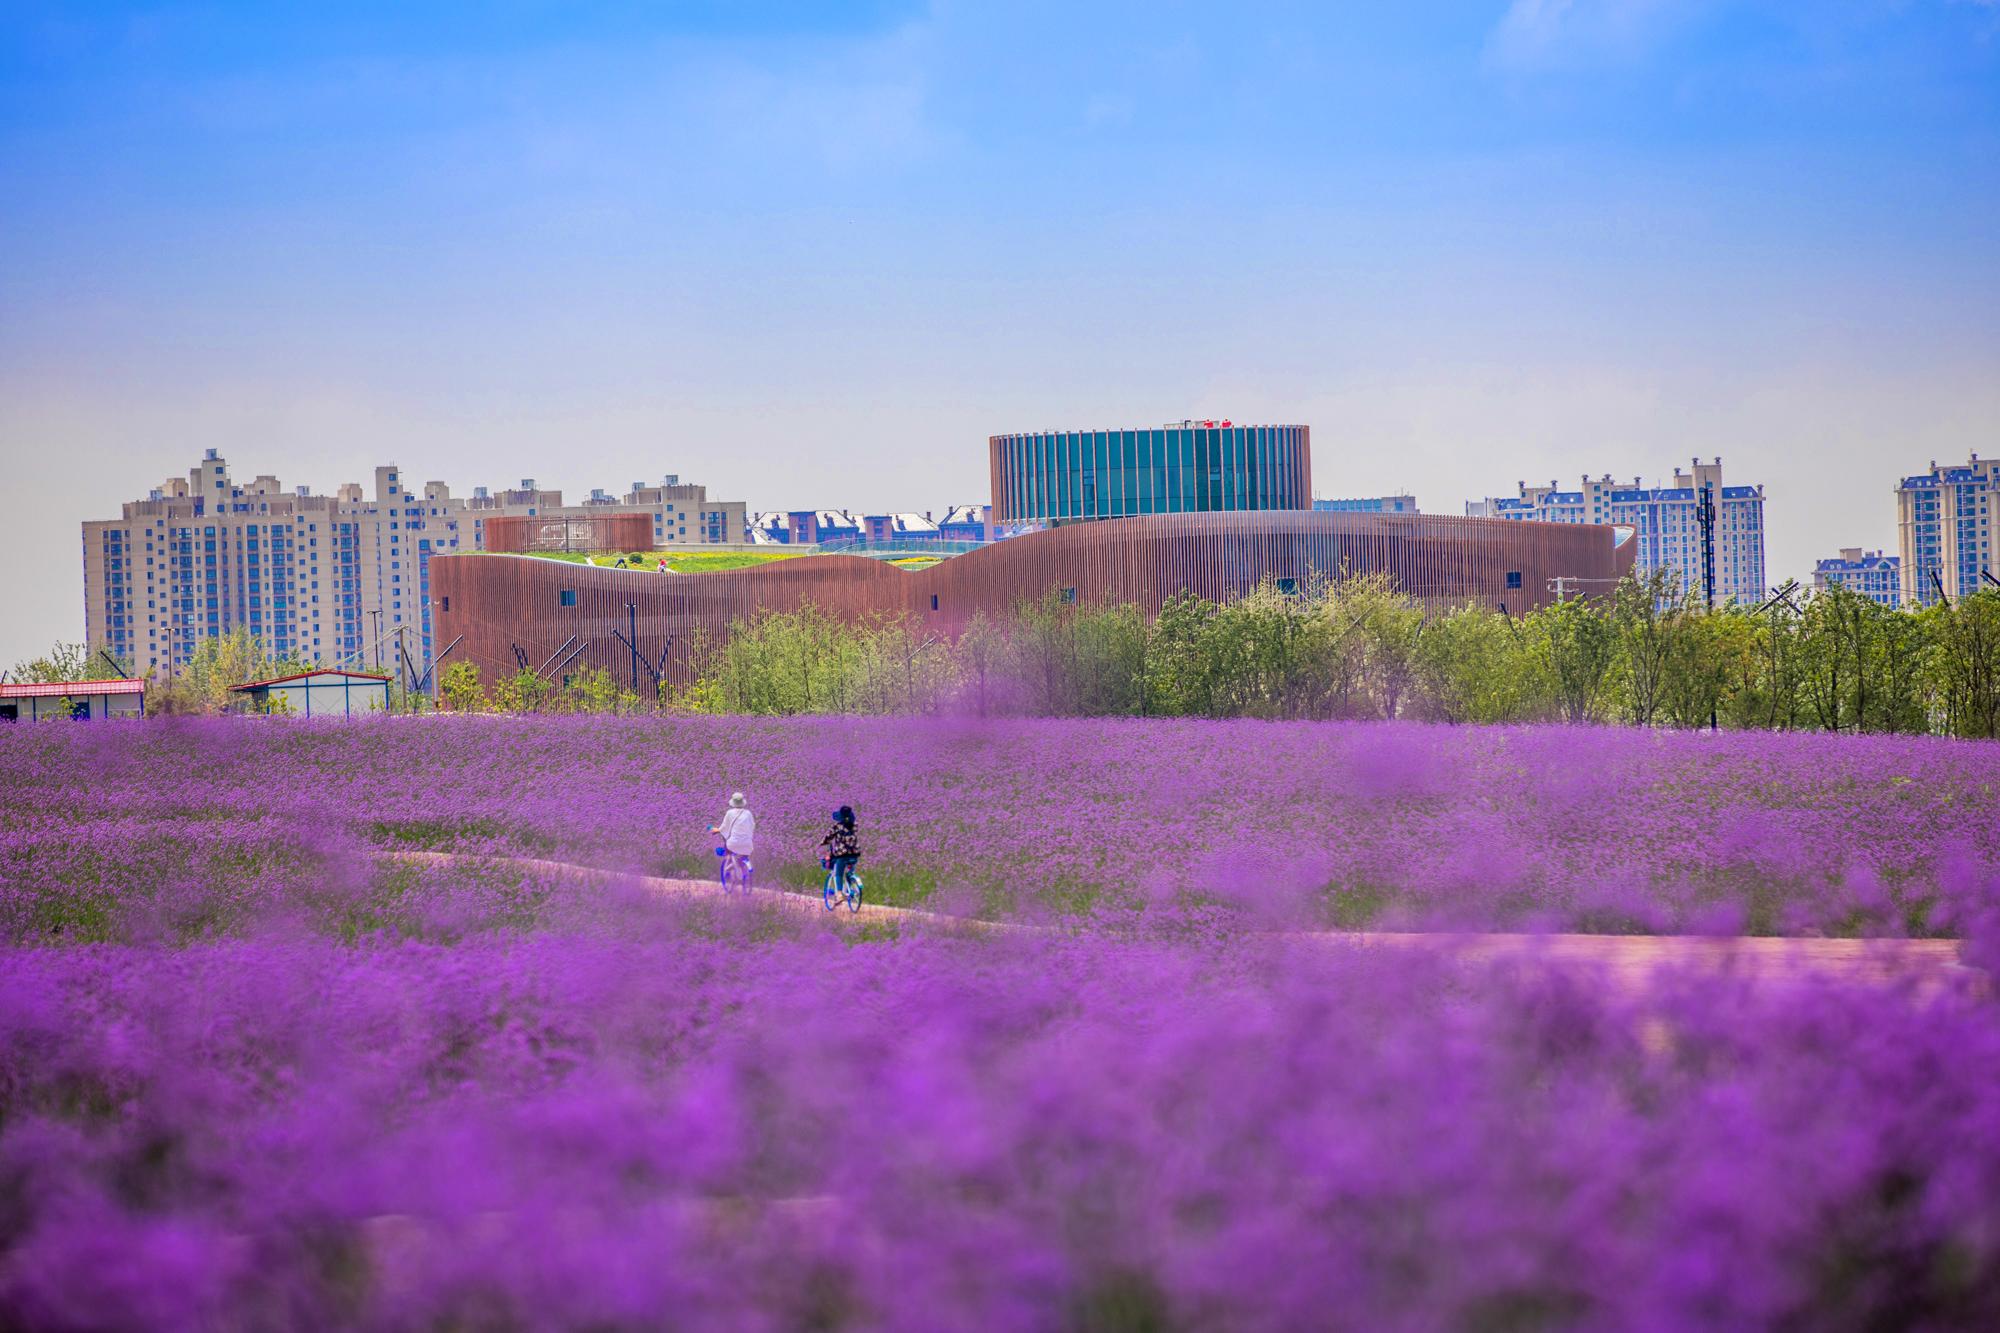 奉贤新城:乘势而上的未来之城